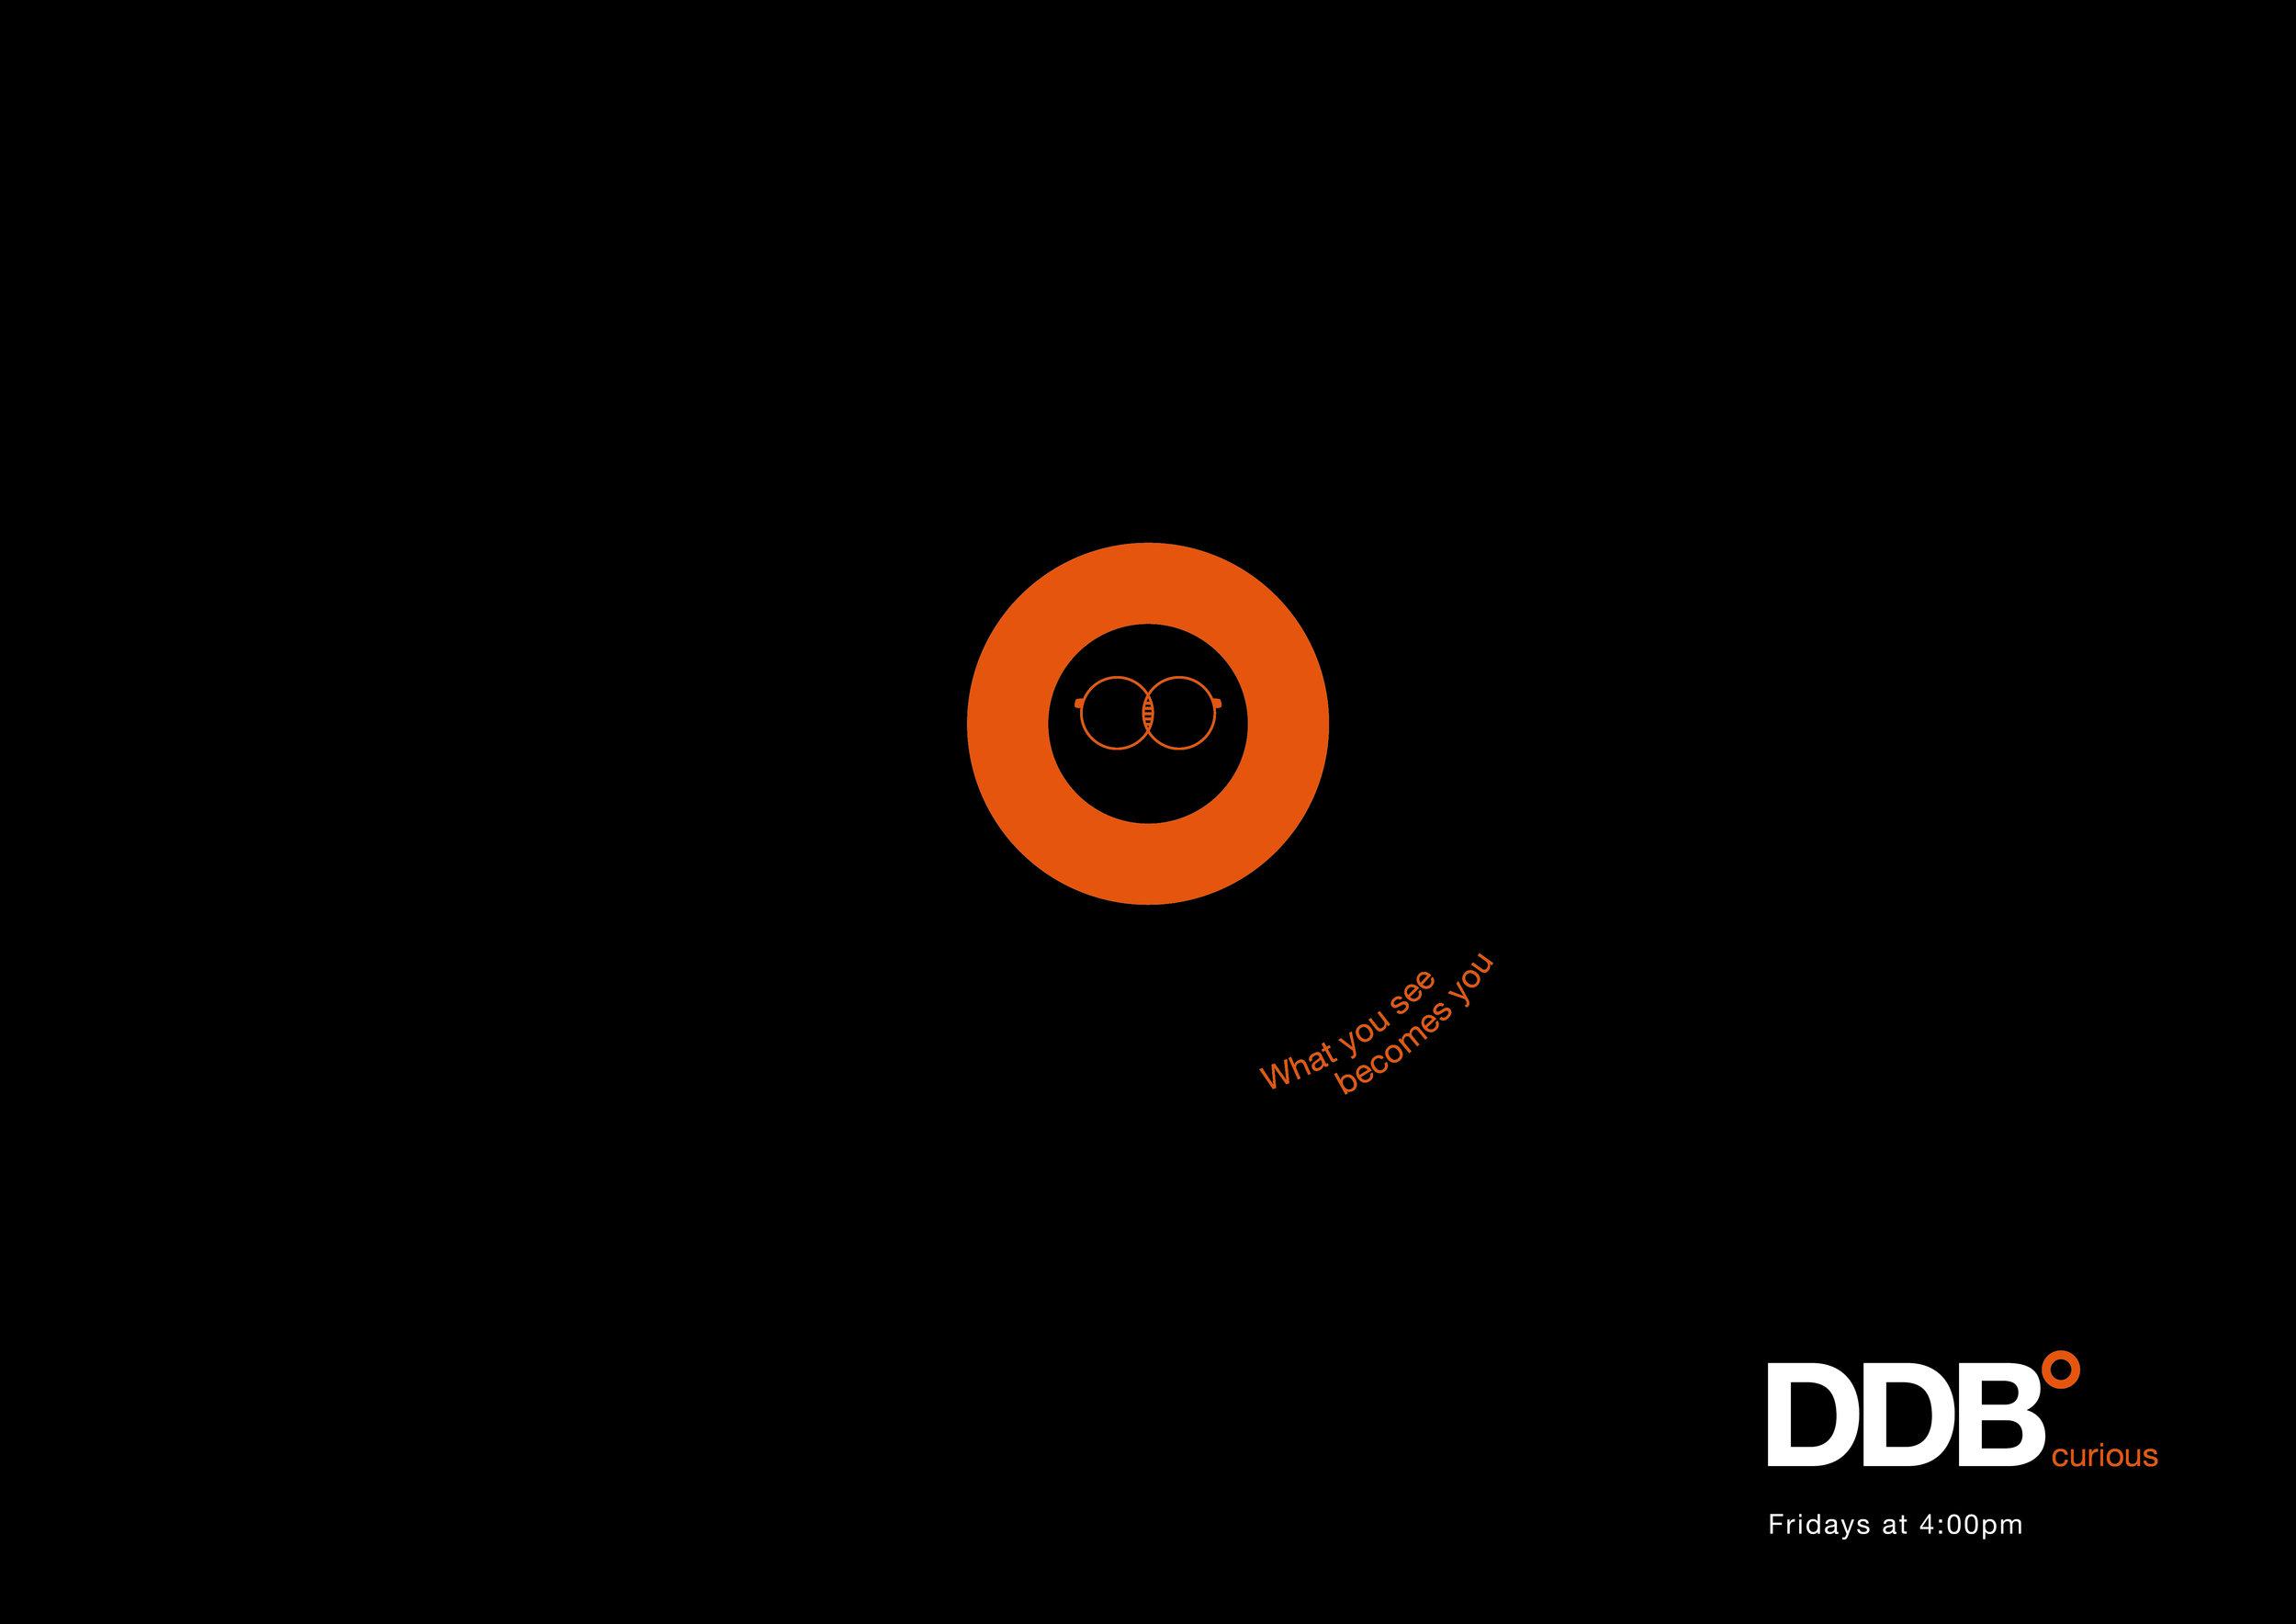 ddbcurious_-04.jpg